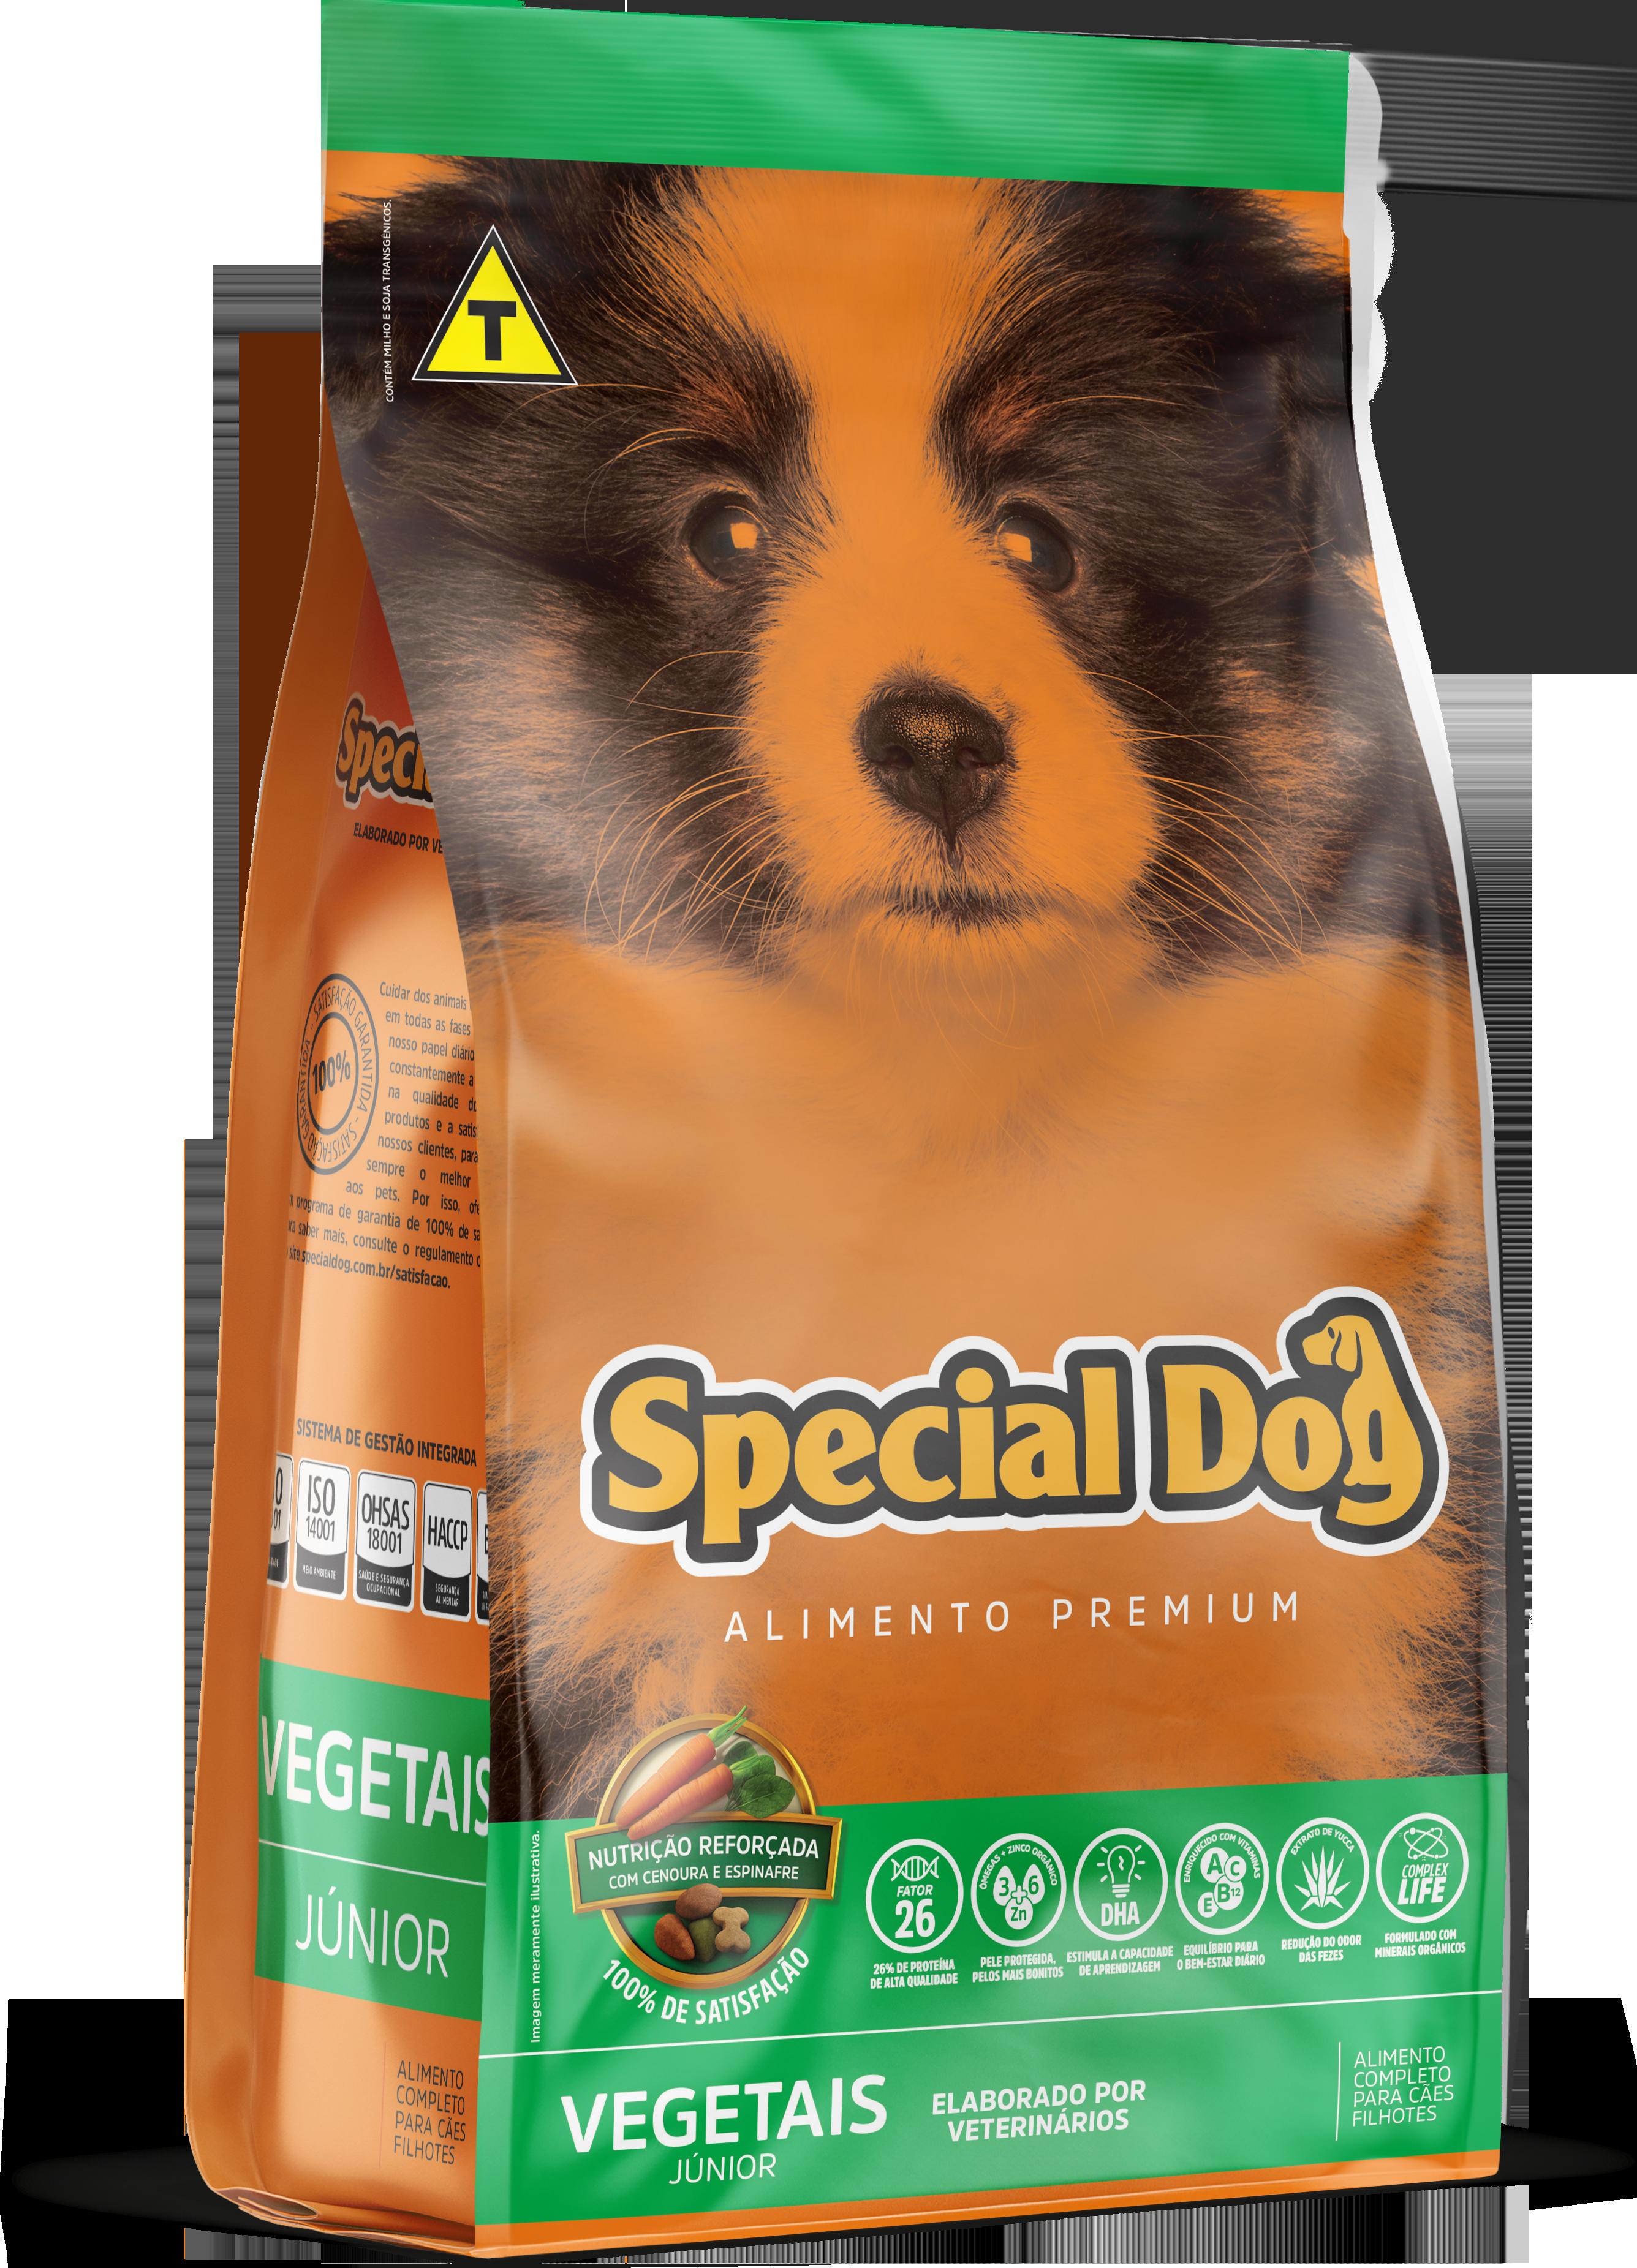 SPECIAL DOG VEGETAIS JUNIOR